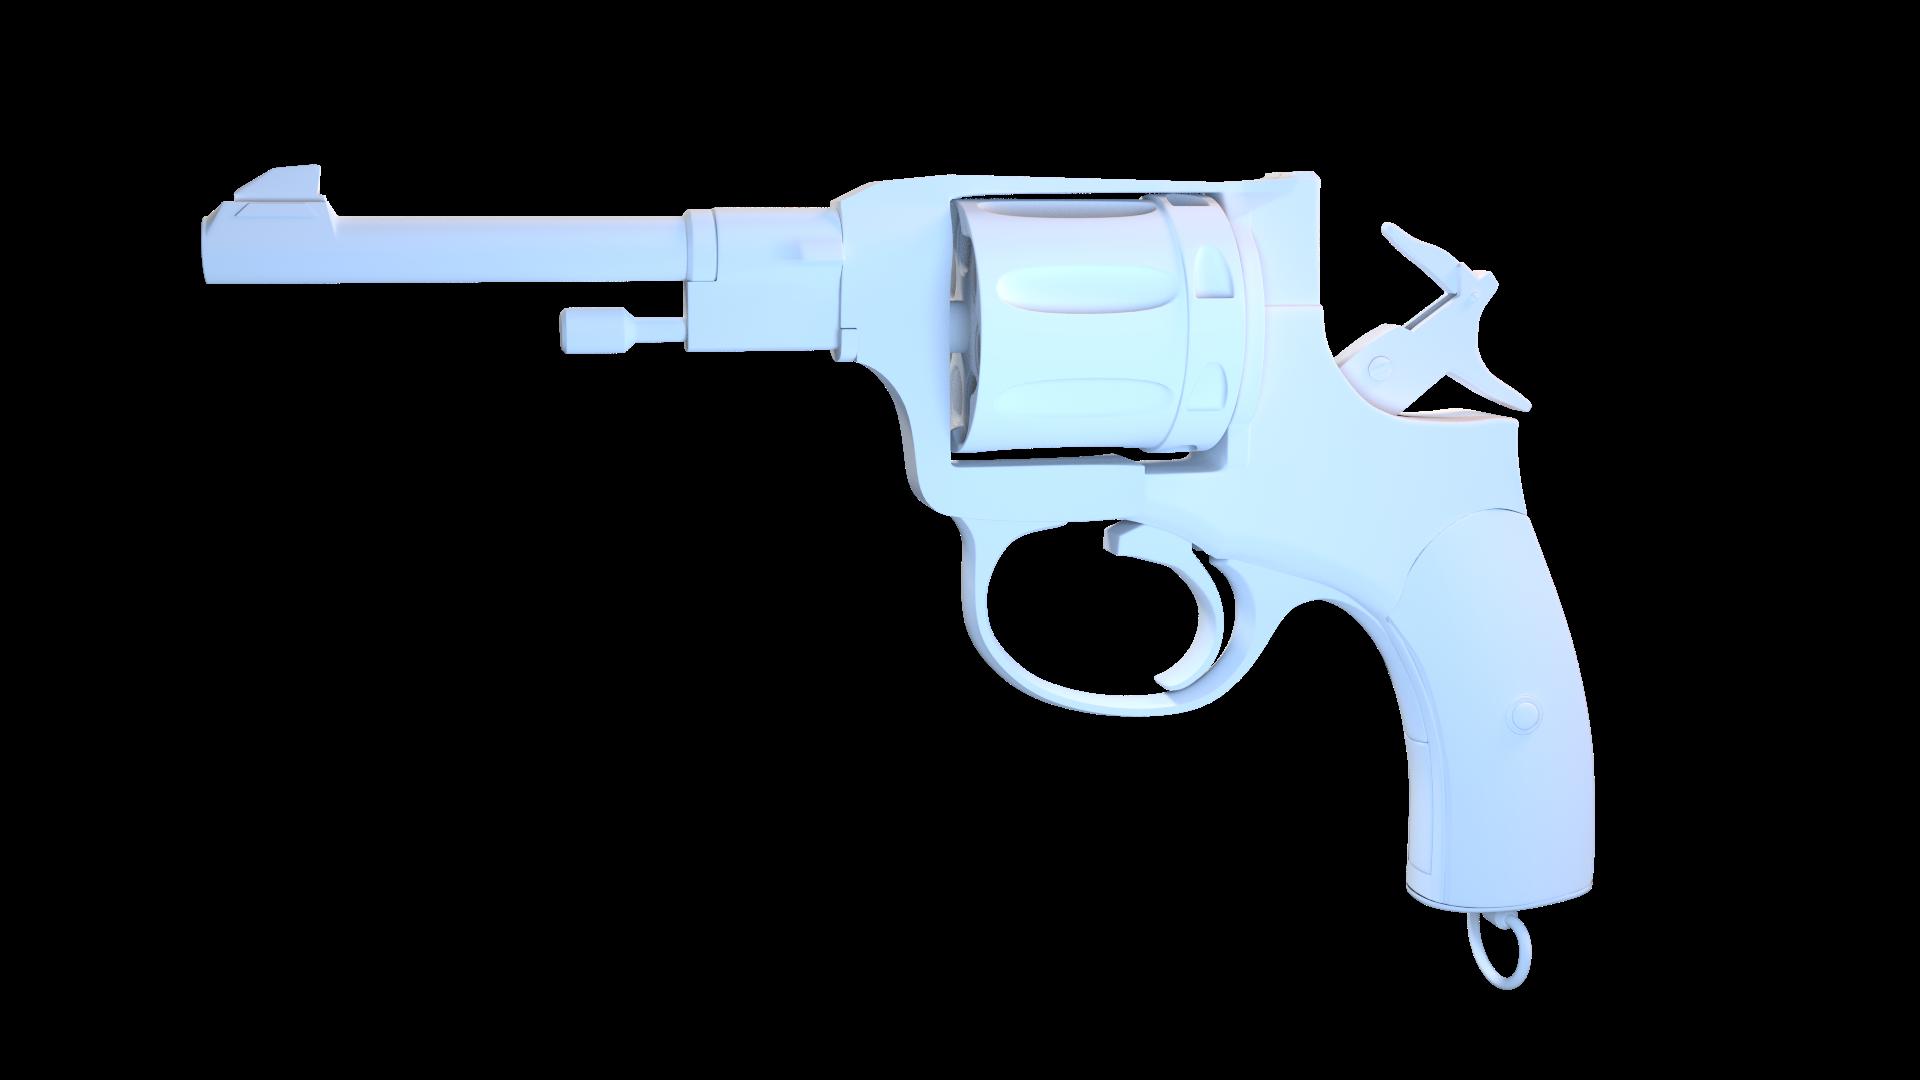 Револьвер2.png